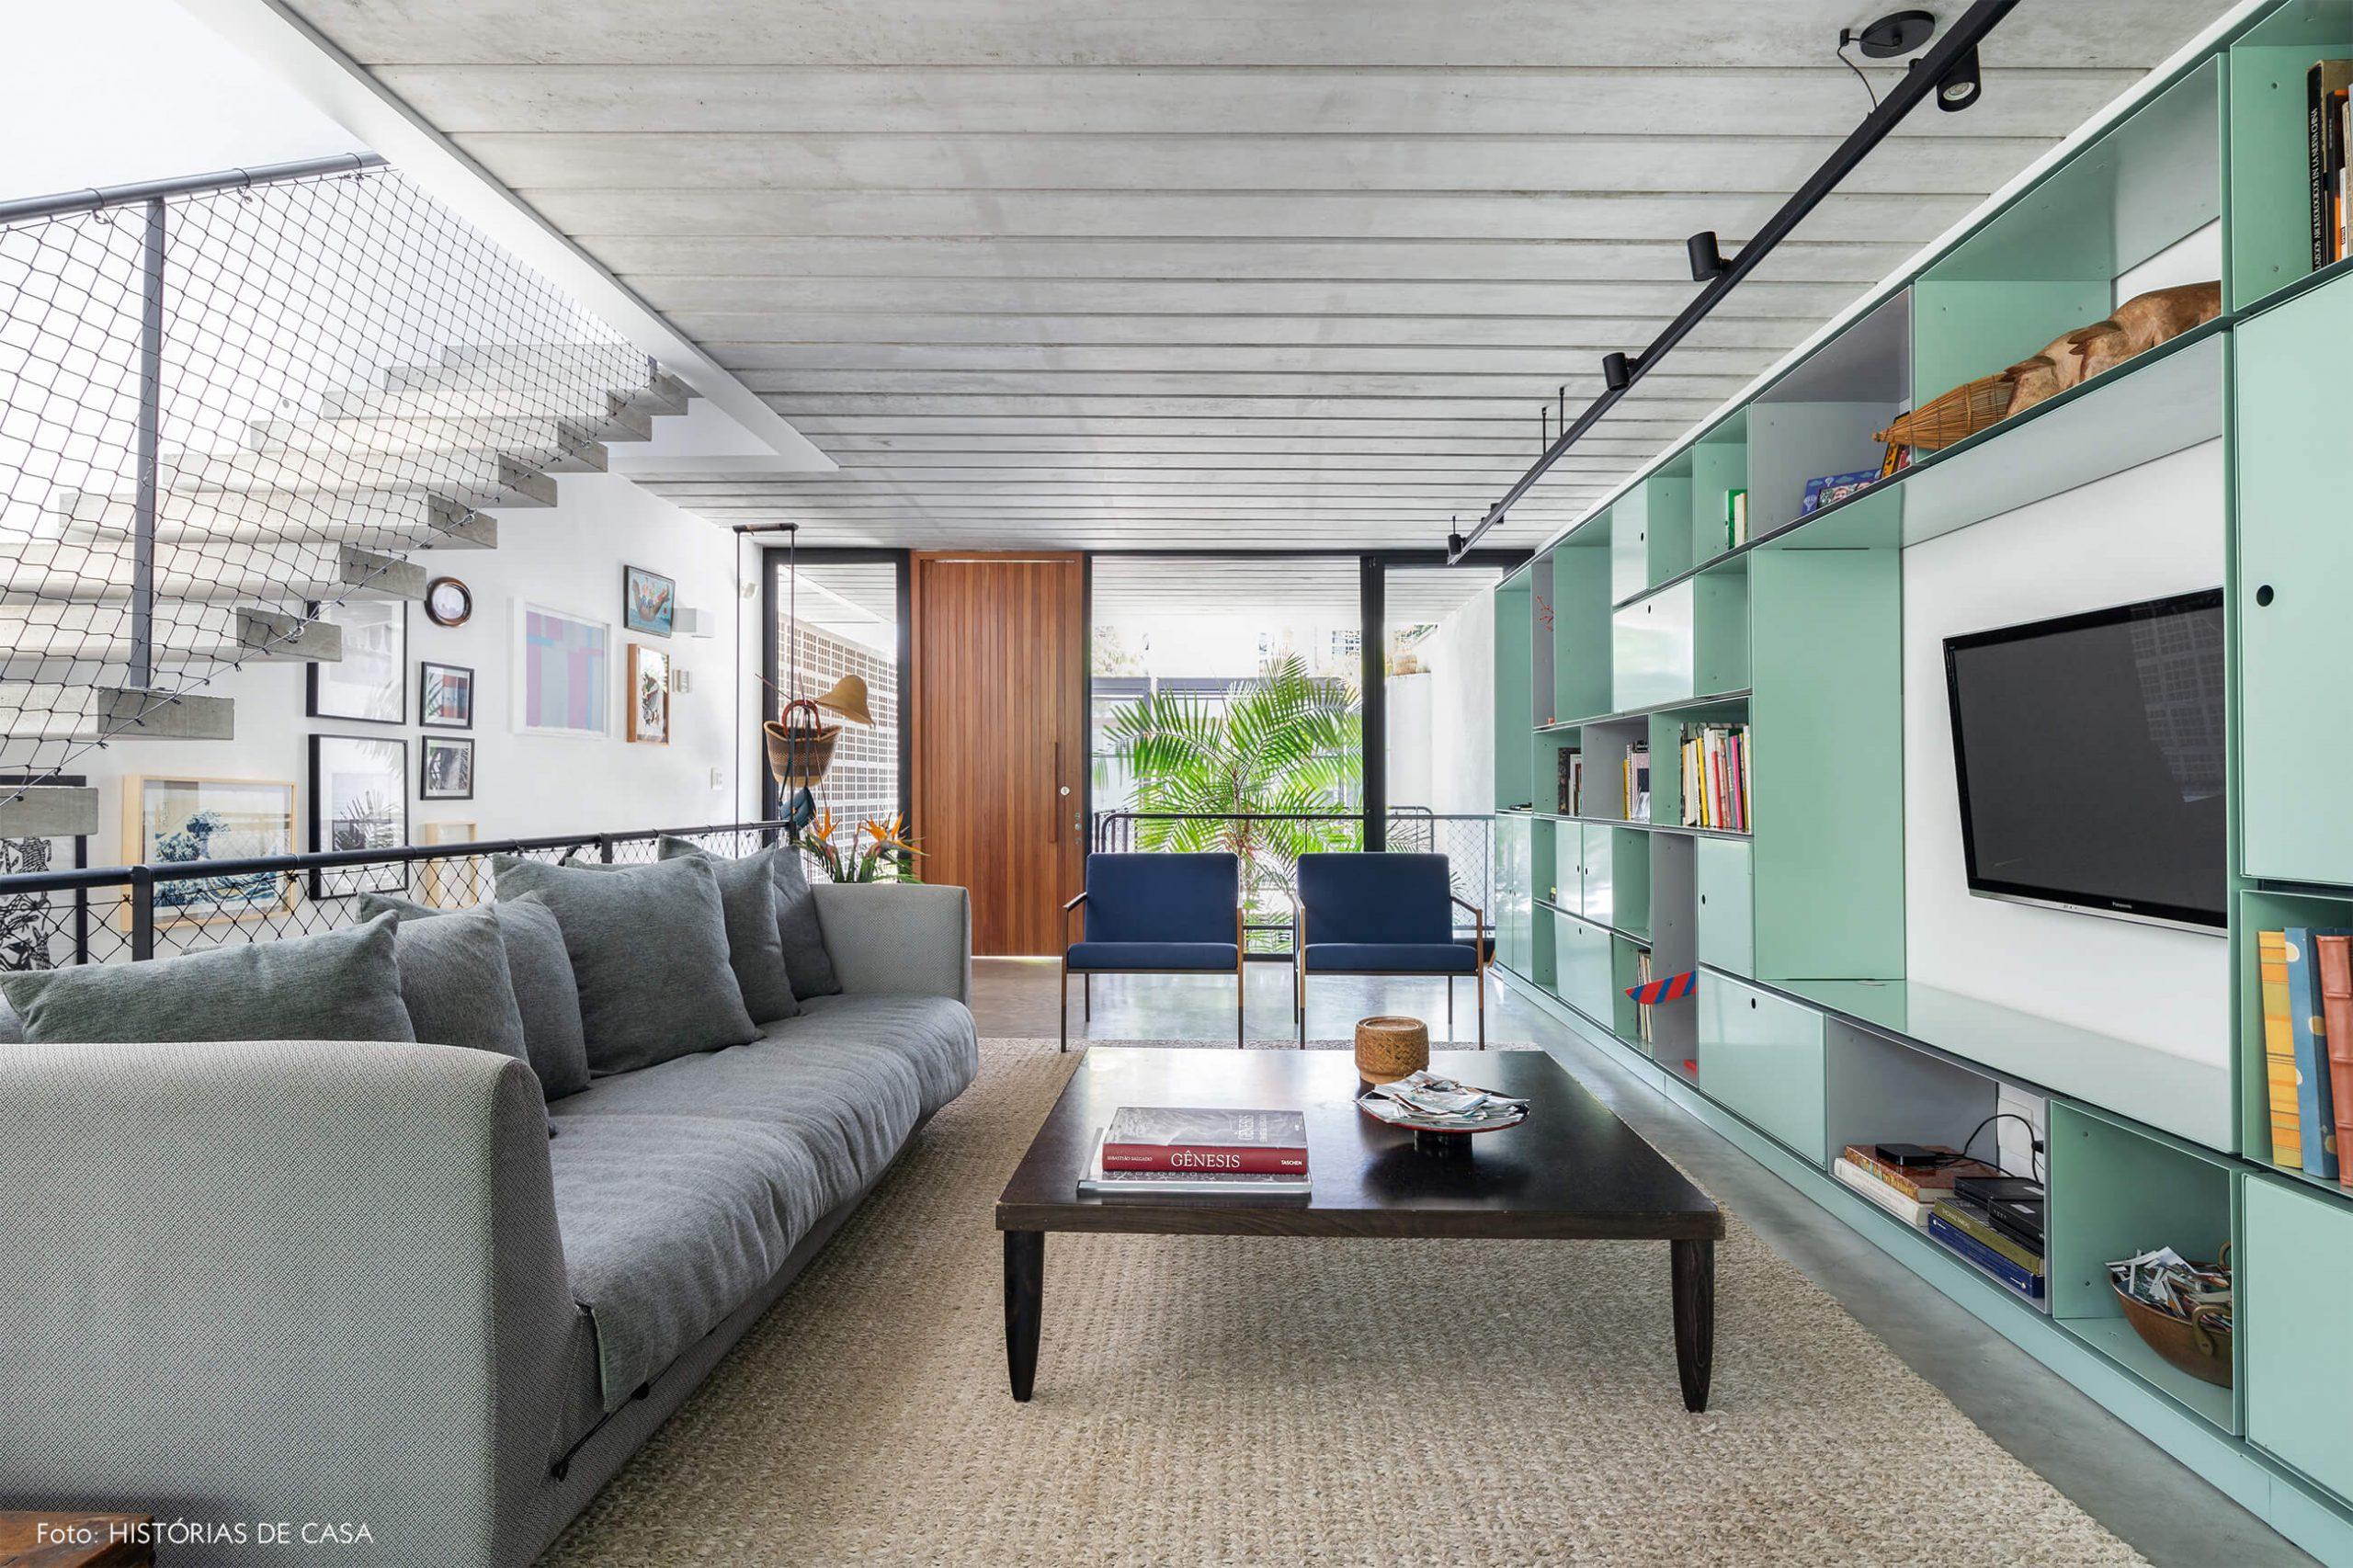 decoração casa sala com estante verde, sofá cinza e mesa de madeira